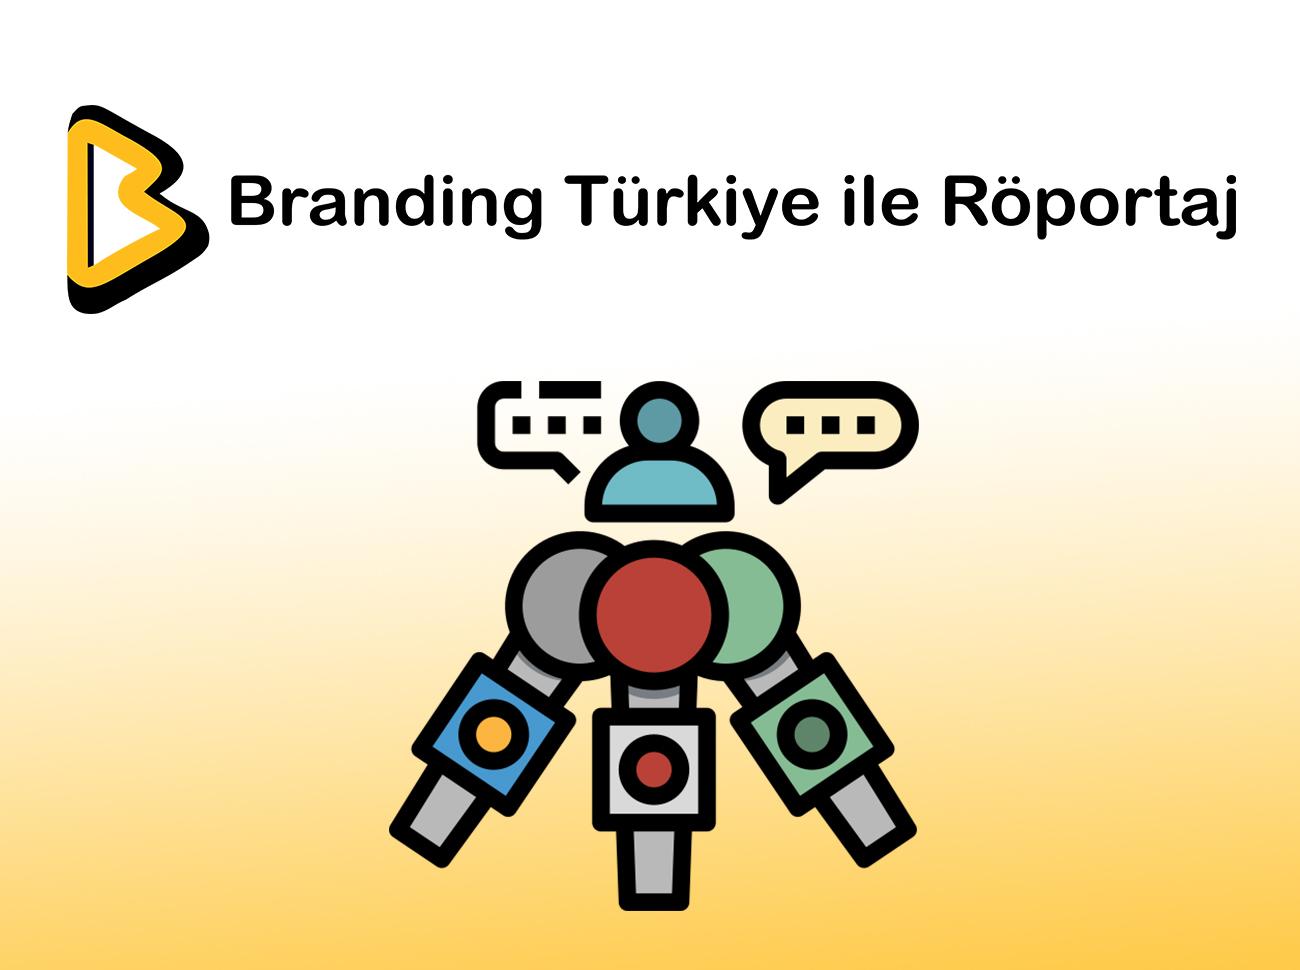 igu-branding-turkiye-ile-roportaj-yapti